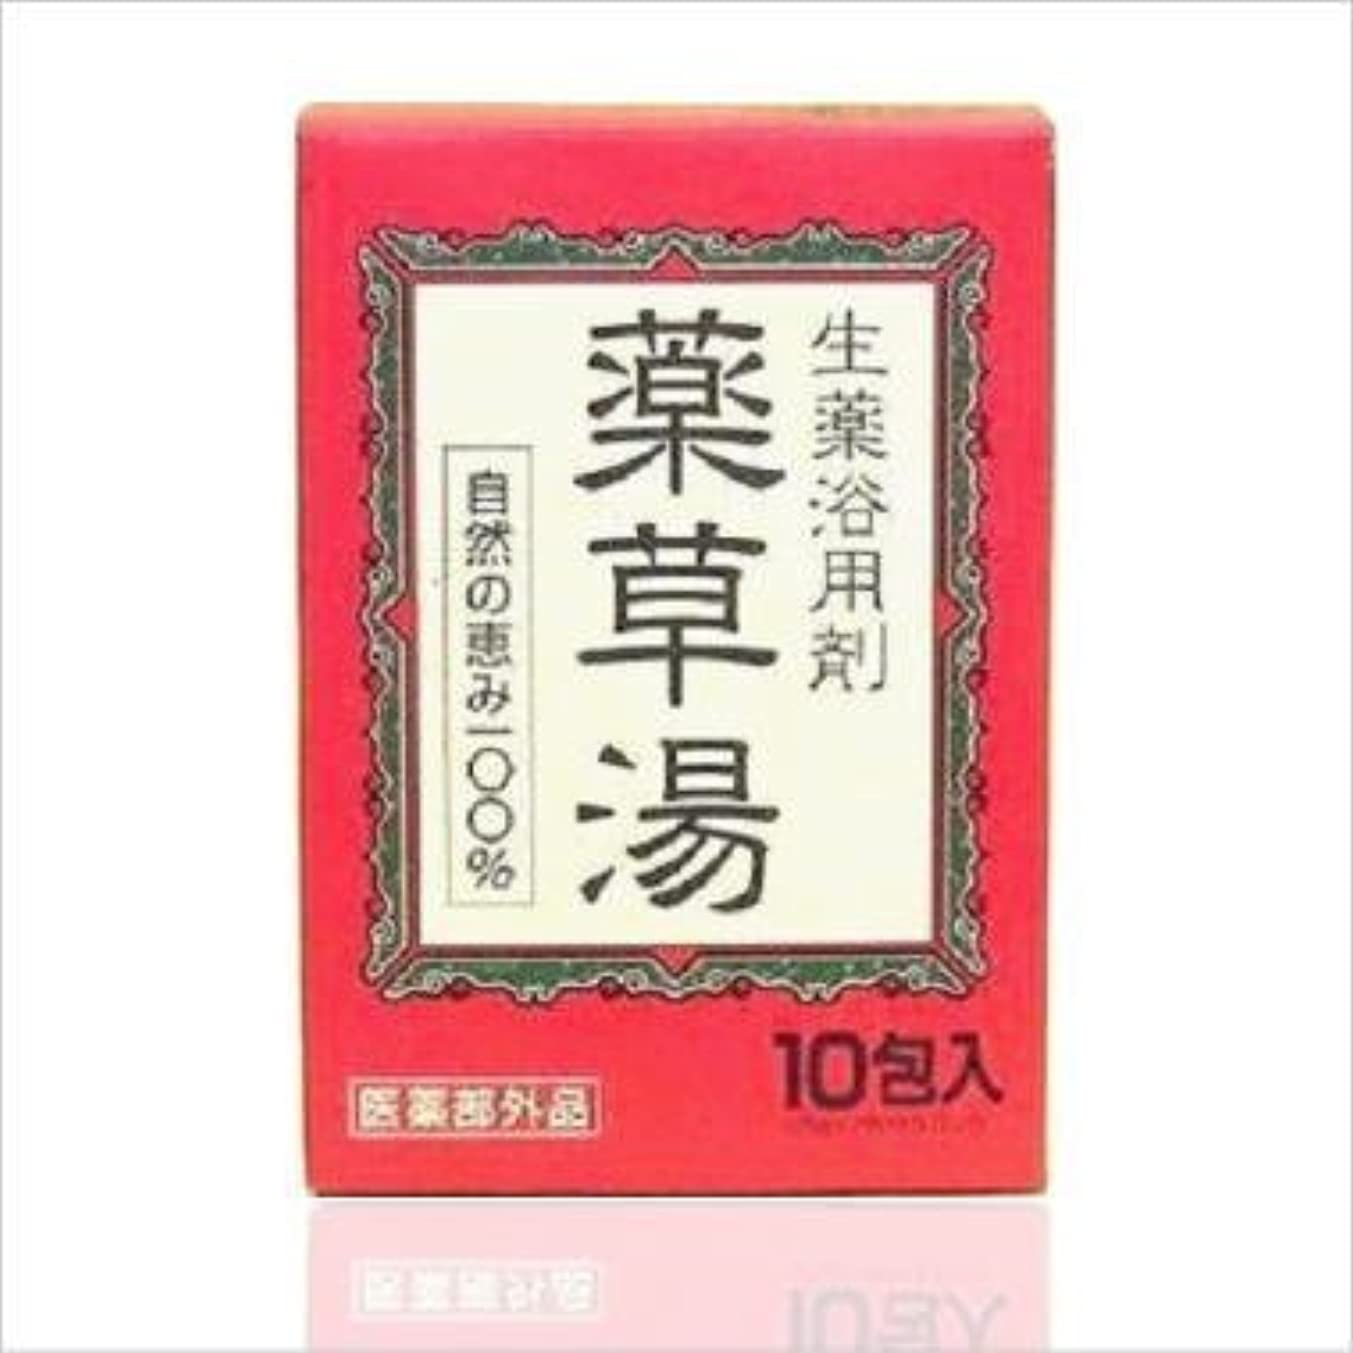 適用済みエレベーター読み書きのできないライオンケミカル 生薬浴用剤 薬草湯 10包 x 24個セット